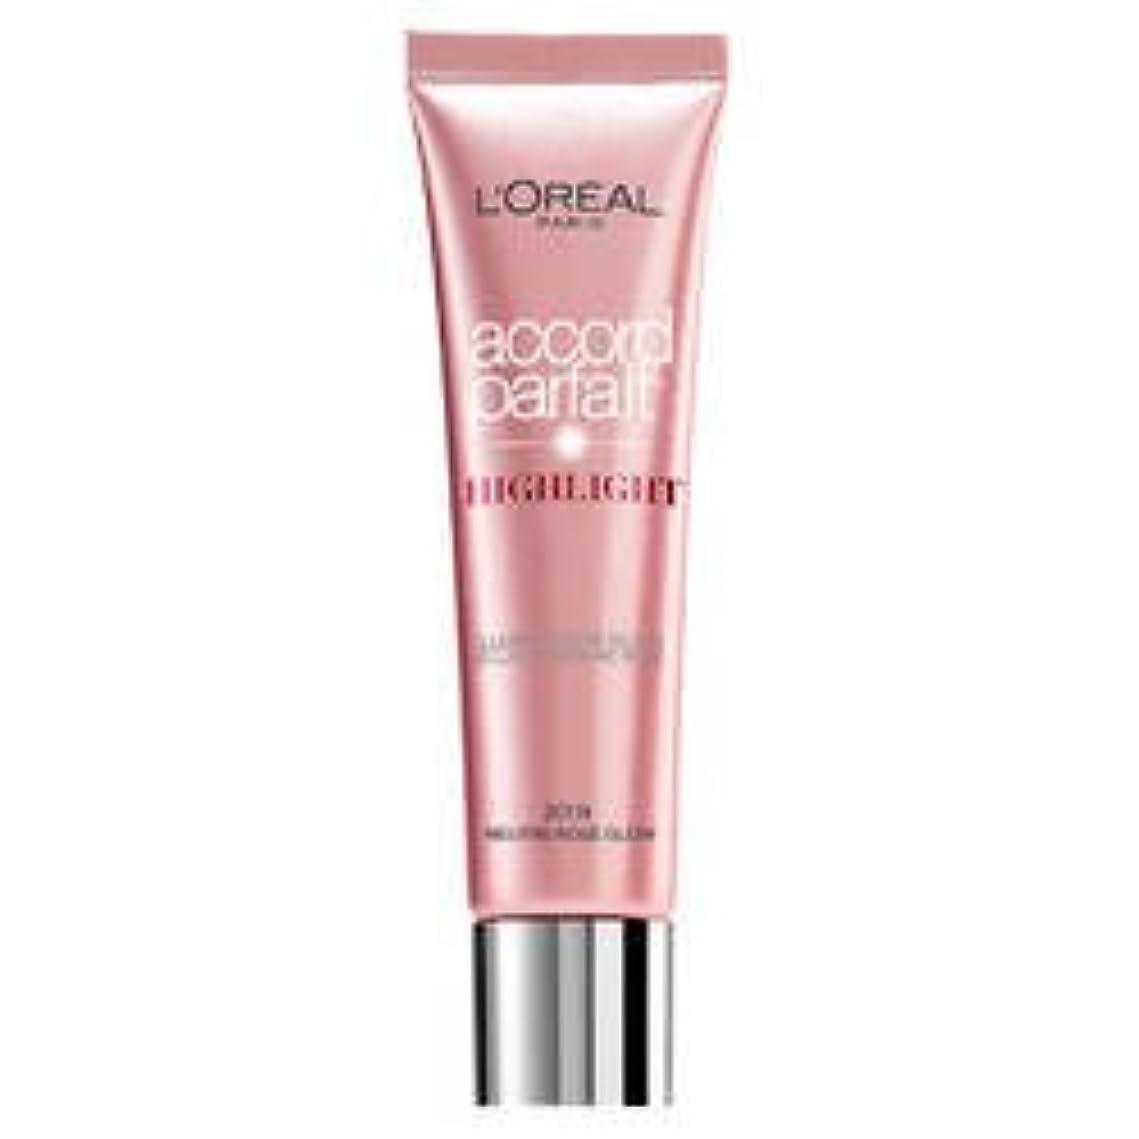 信頼性のあるなぞらえるコールドL 'Oréal Paris Accord Parfait Highlight Enlumineur Liquide 201 Rose